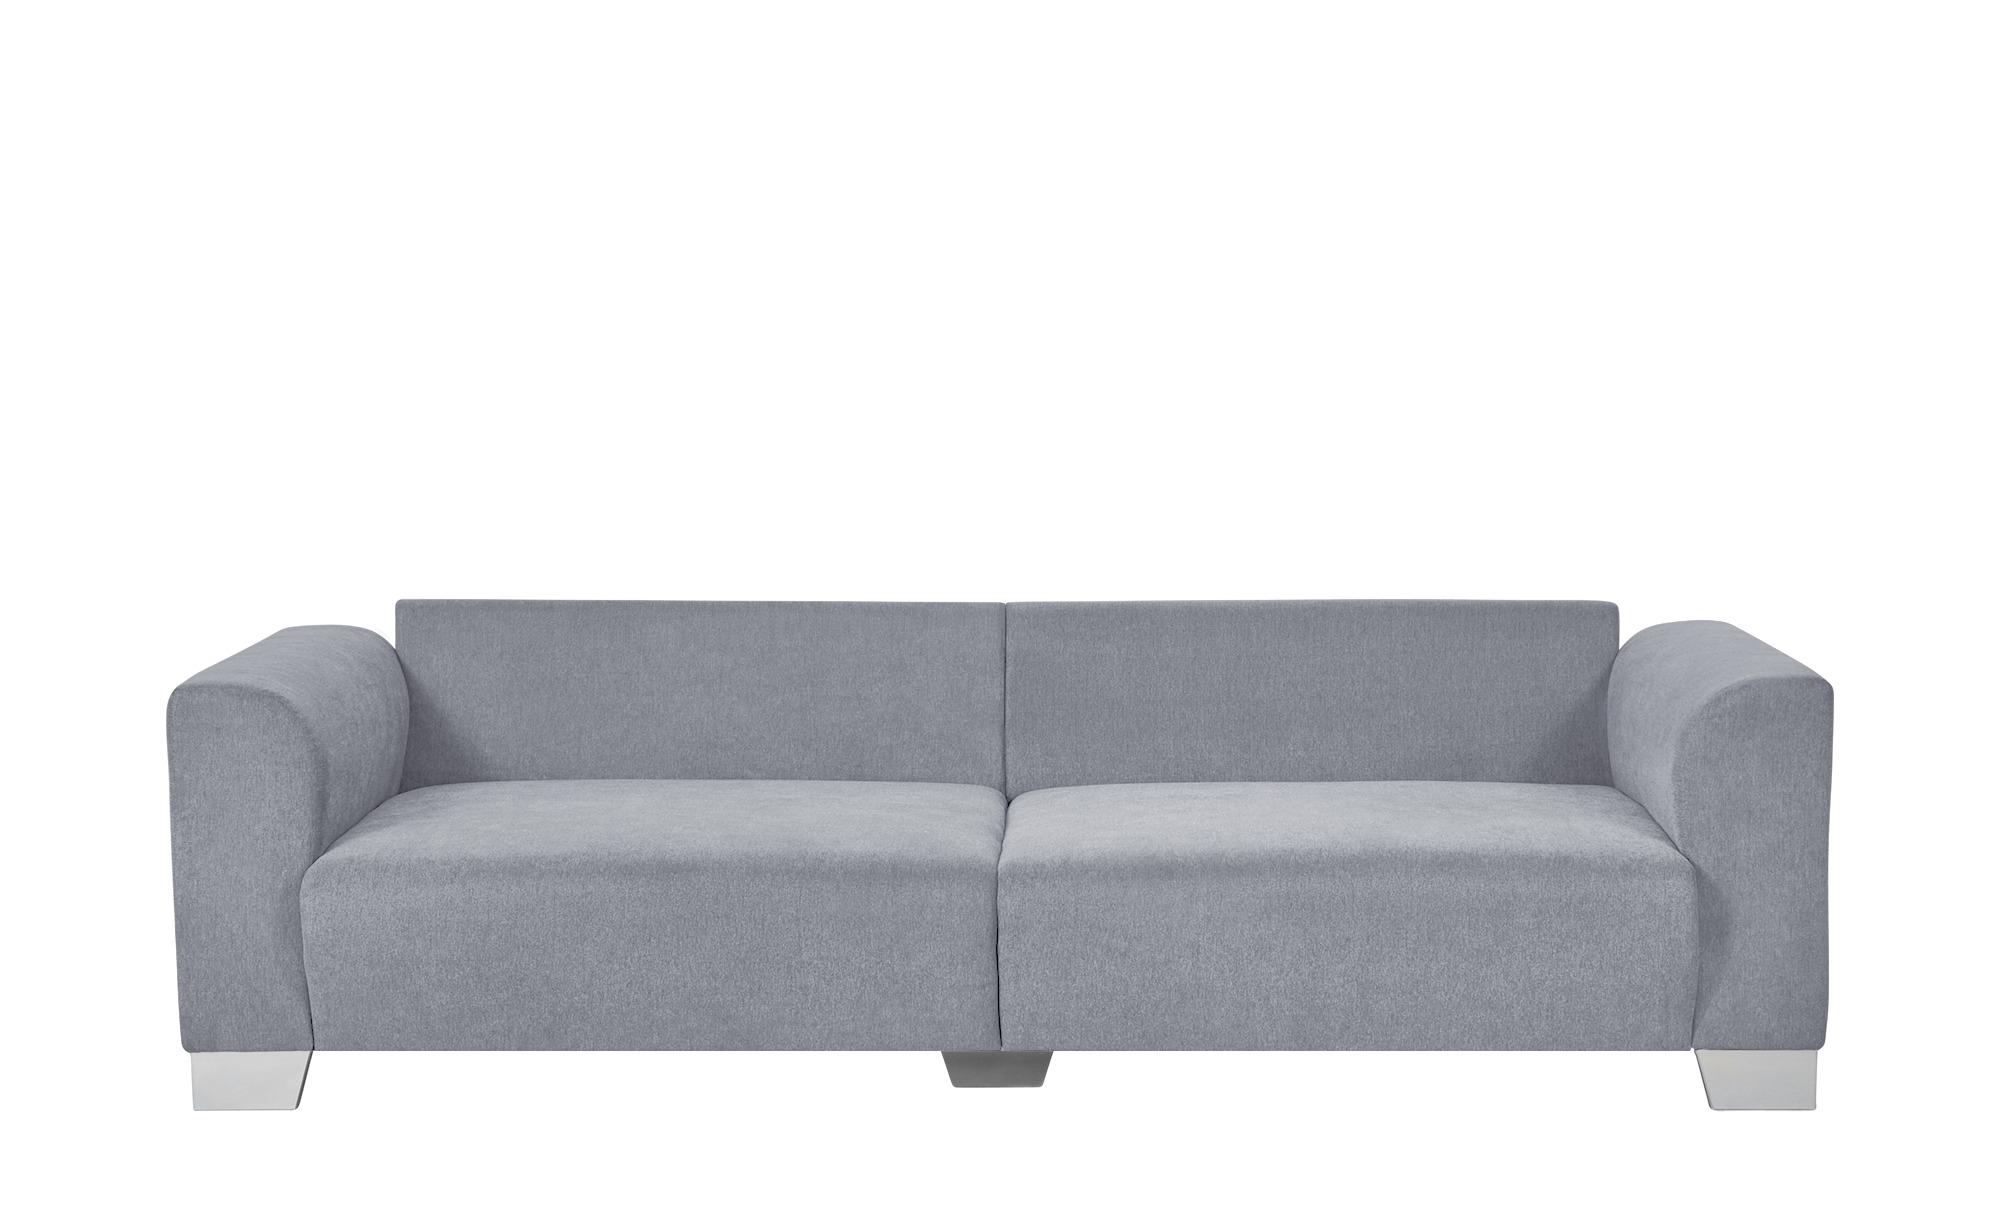 Smart Big Sofa Silbergrau Schlamm Bei Möbel Kraft Online Kaufen